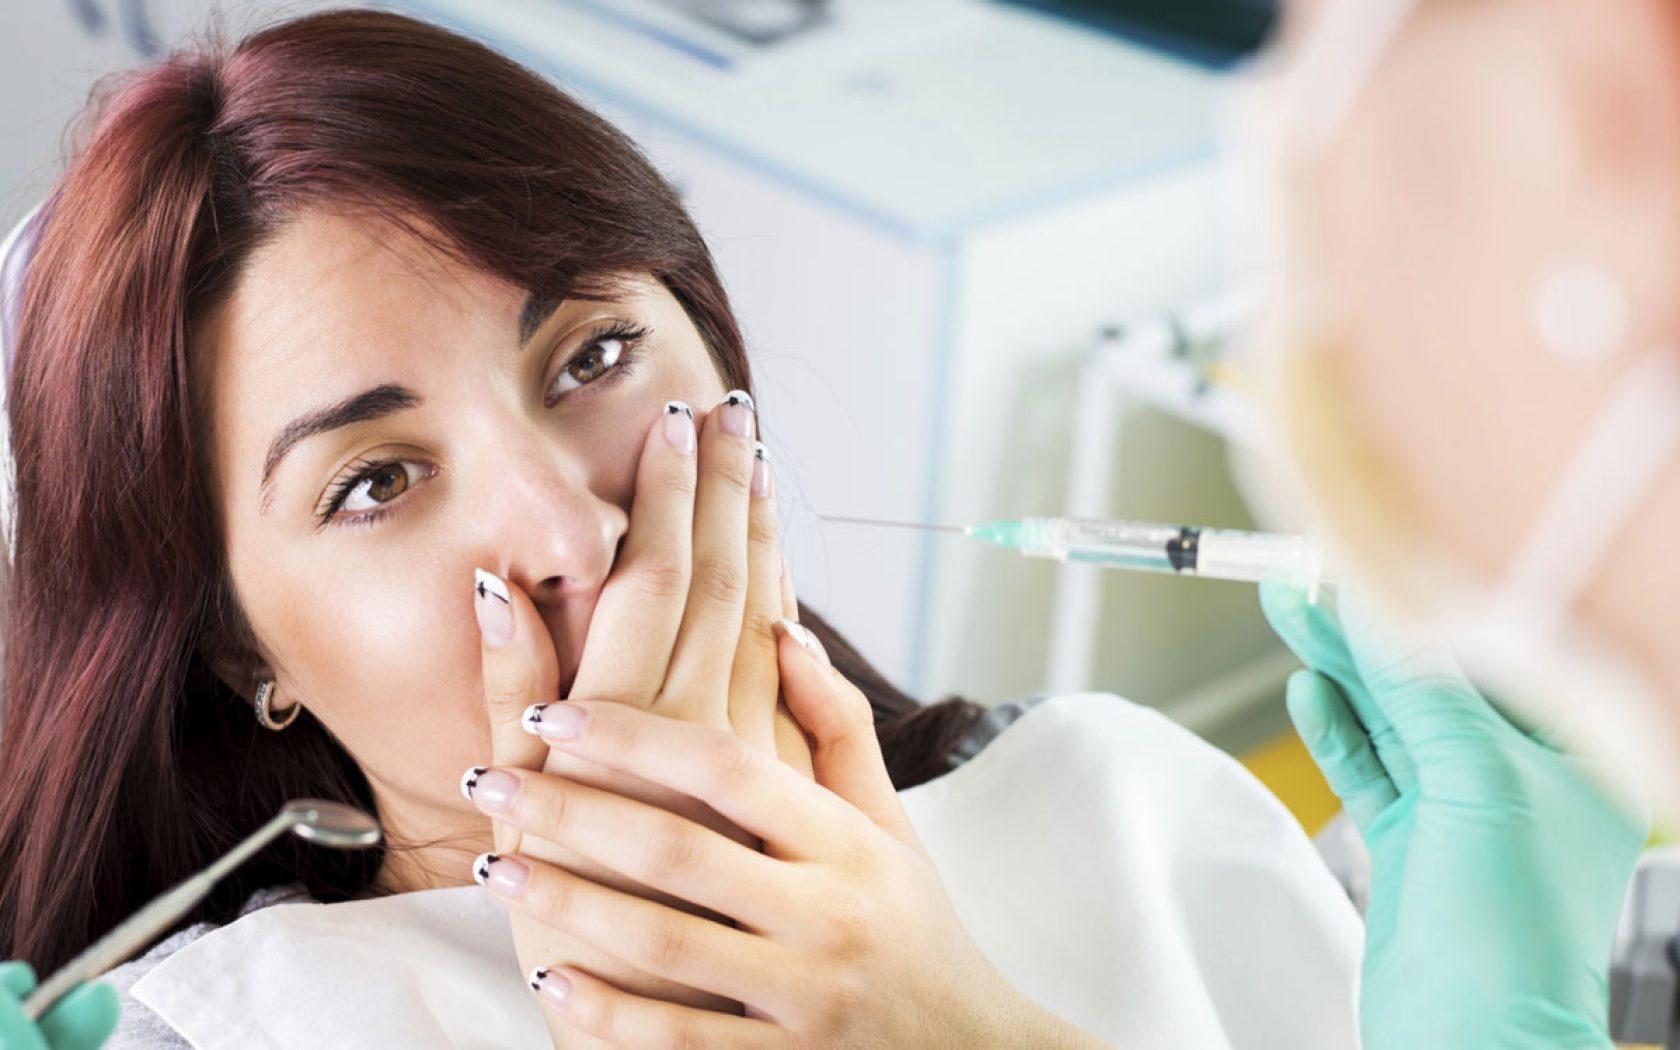 Ξεπερνώντας το φόβο για τον οδοντίατρο